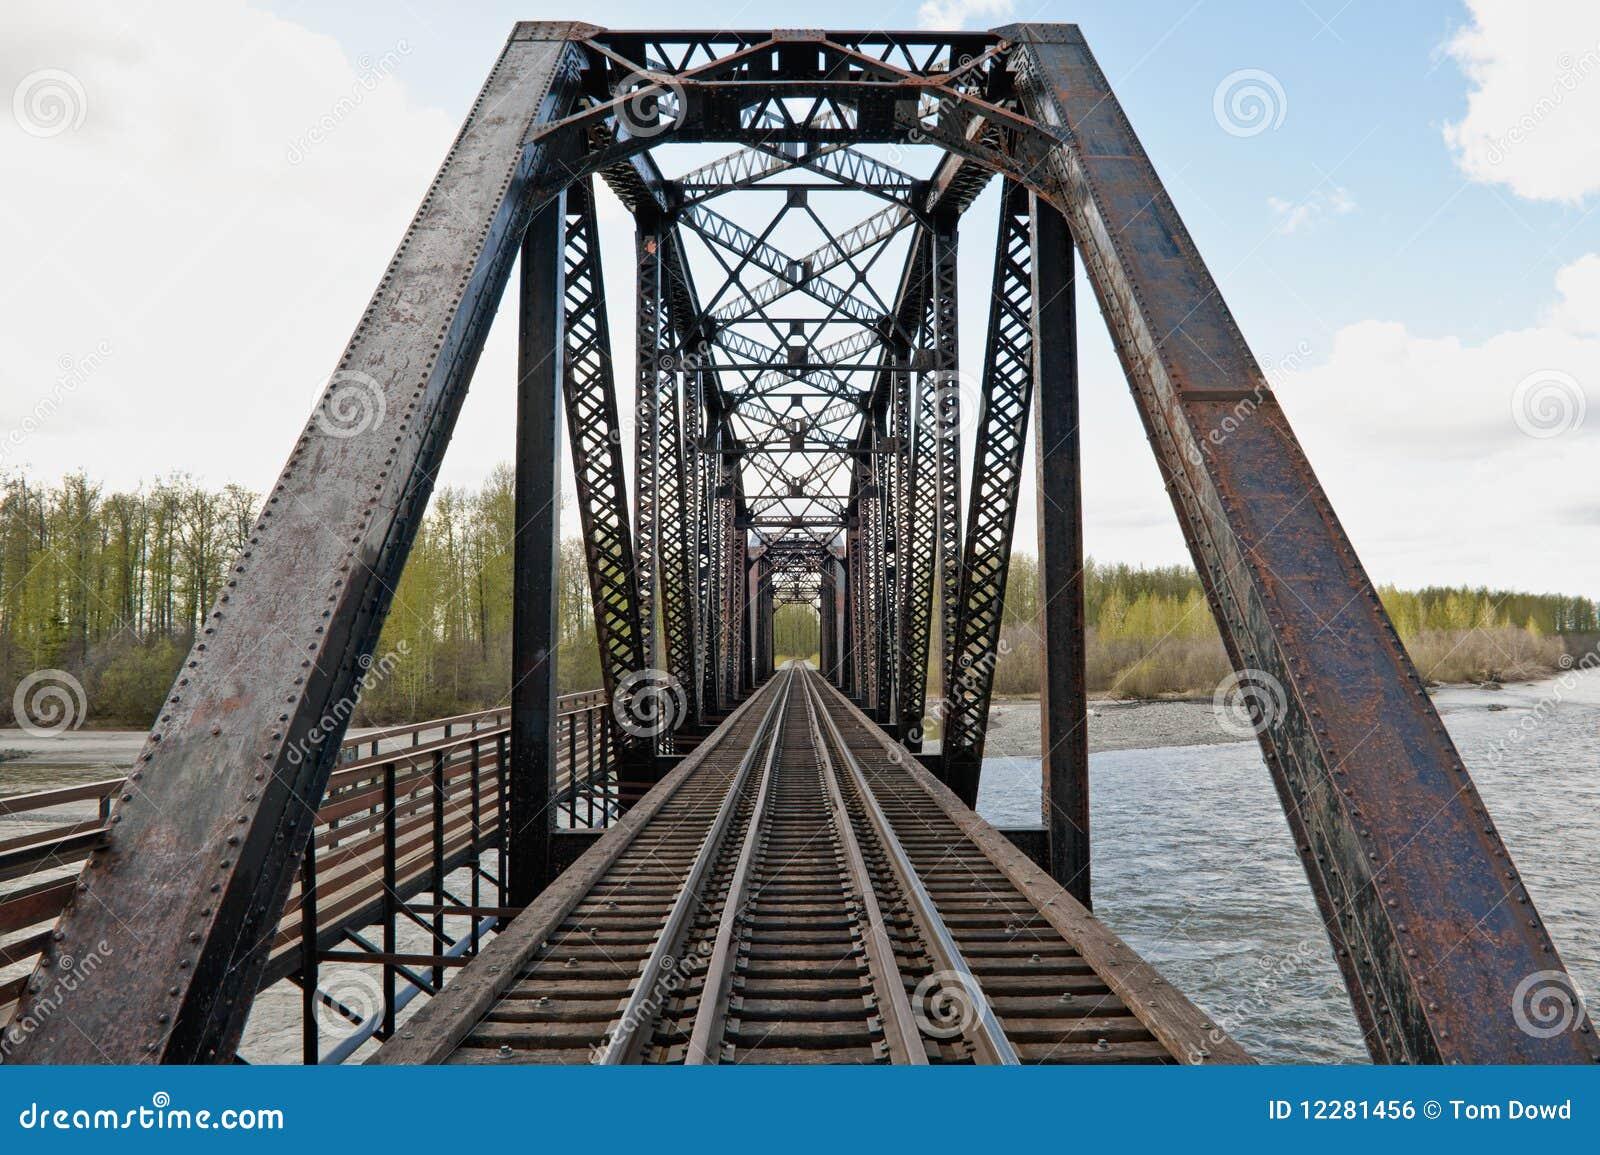 Scenic view of steel trestle railway bridge over Talkeetna river ...